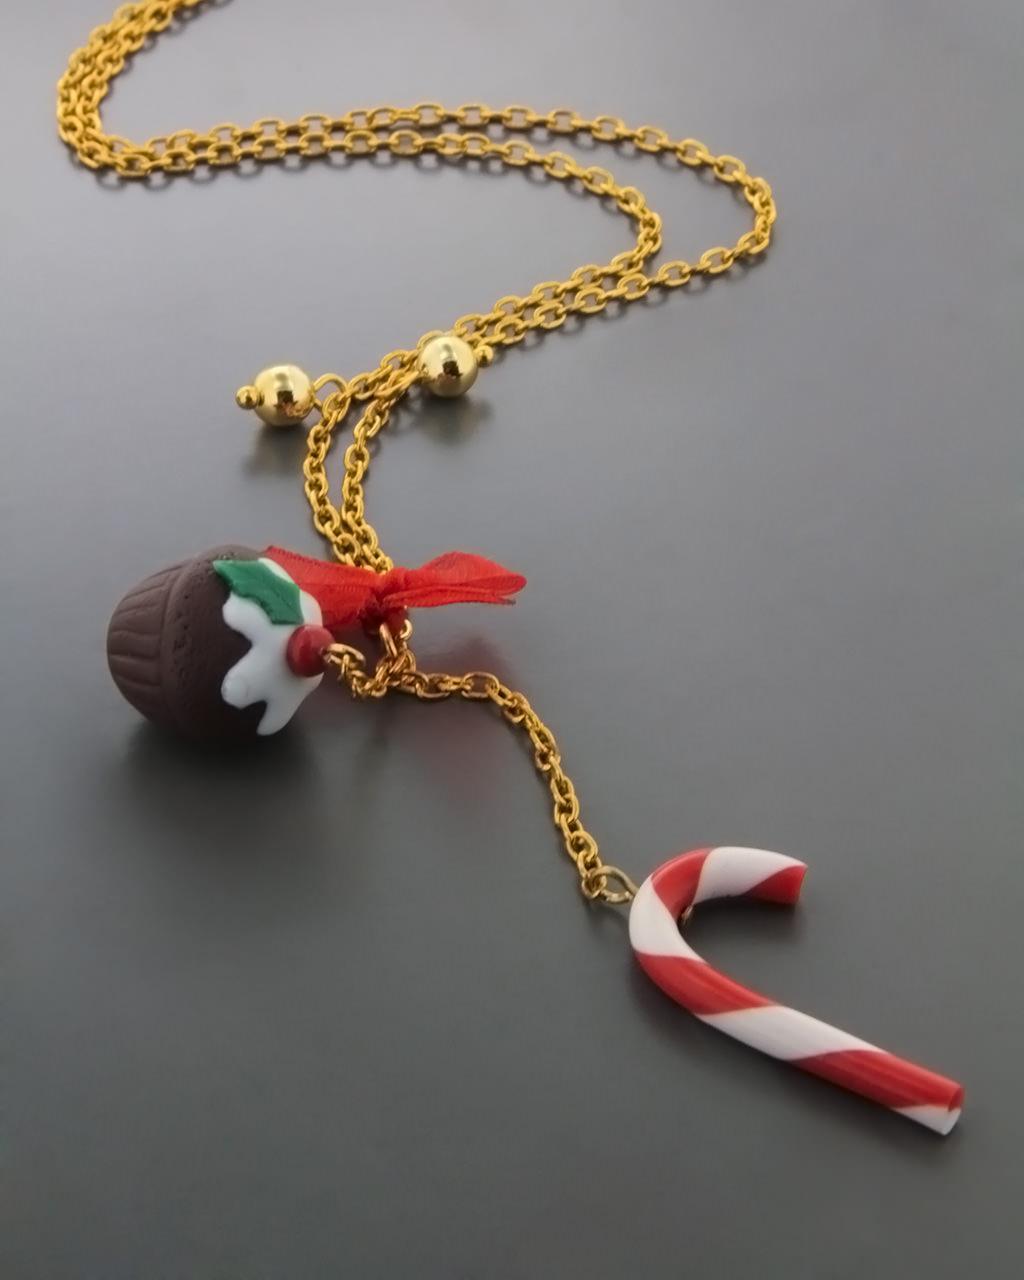 Χειροποίητο κολιέ γούρι από πηλό   δωρα δώρα χριστουγέννων